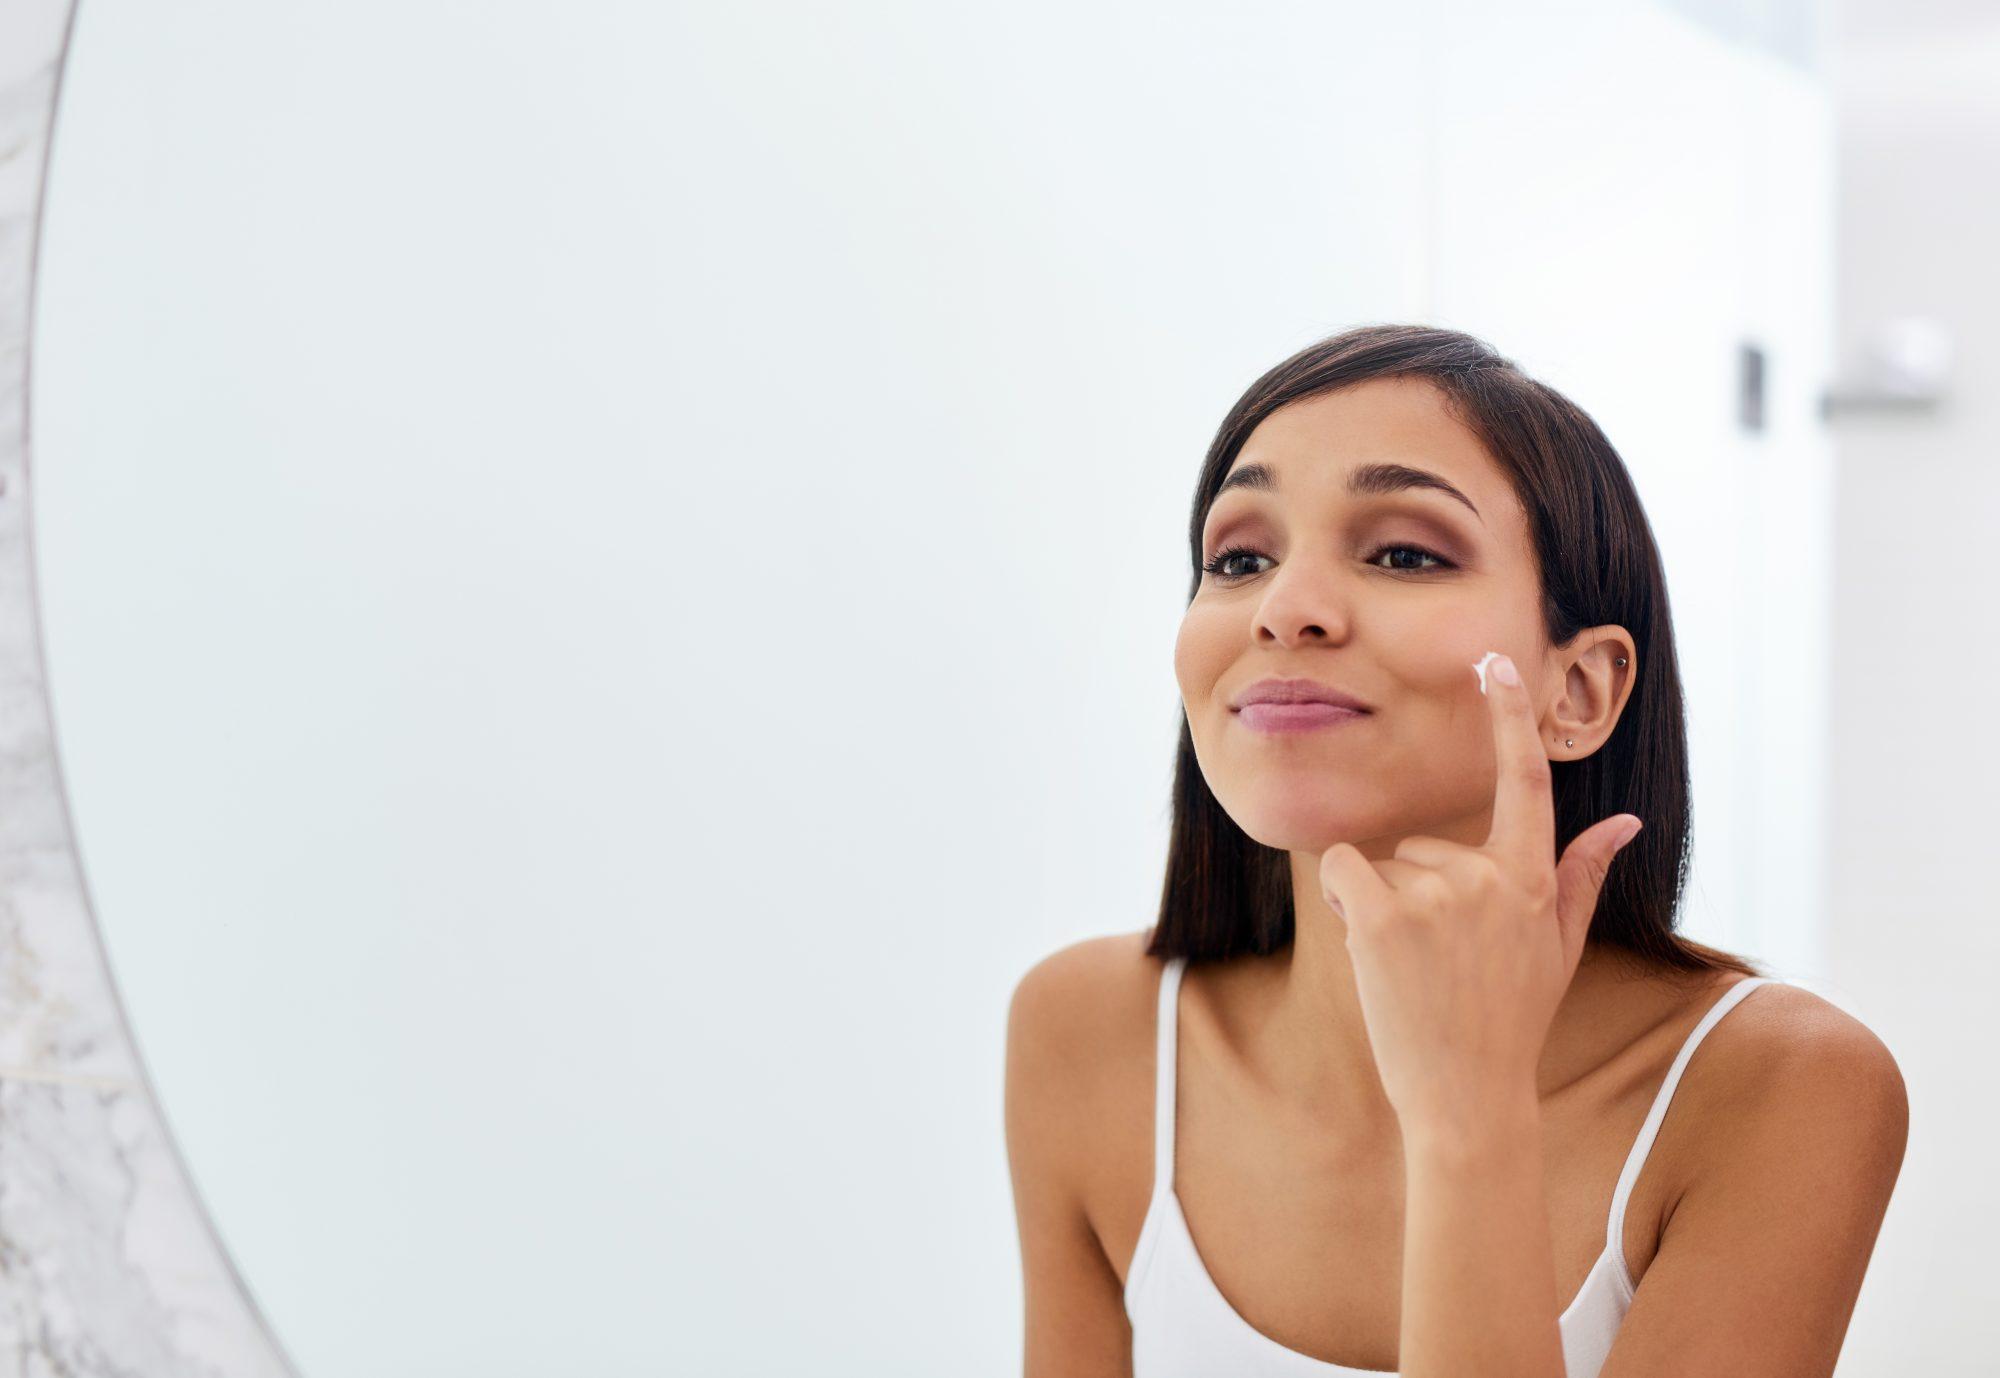 Mujer probando productos belleza espejo